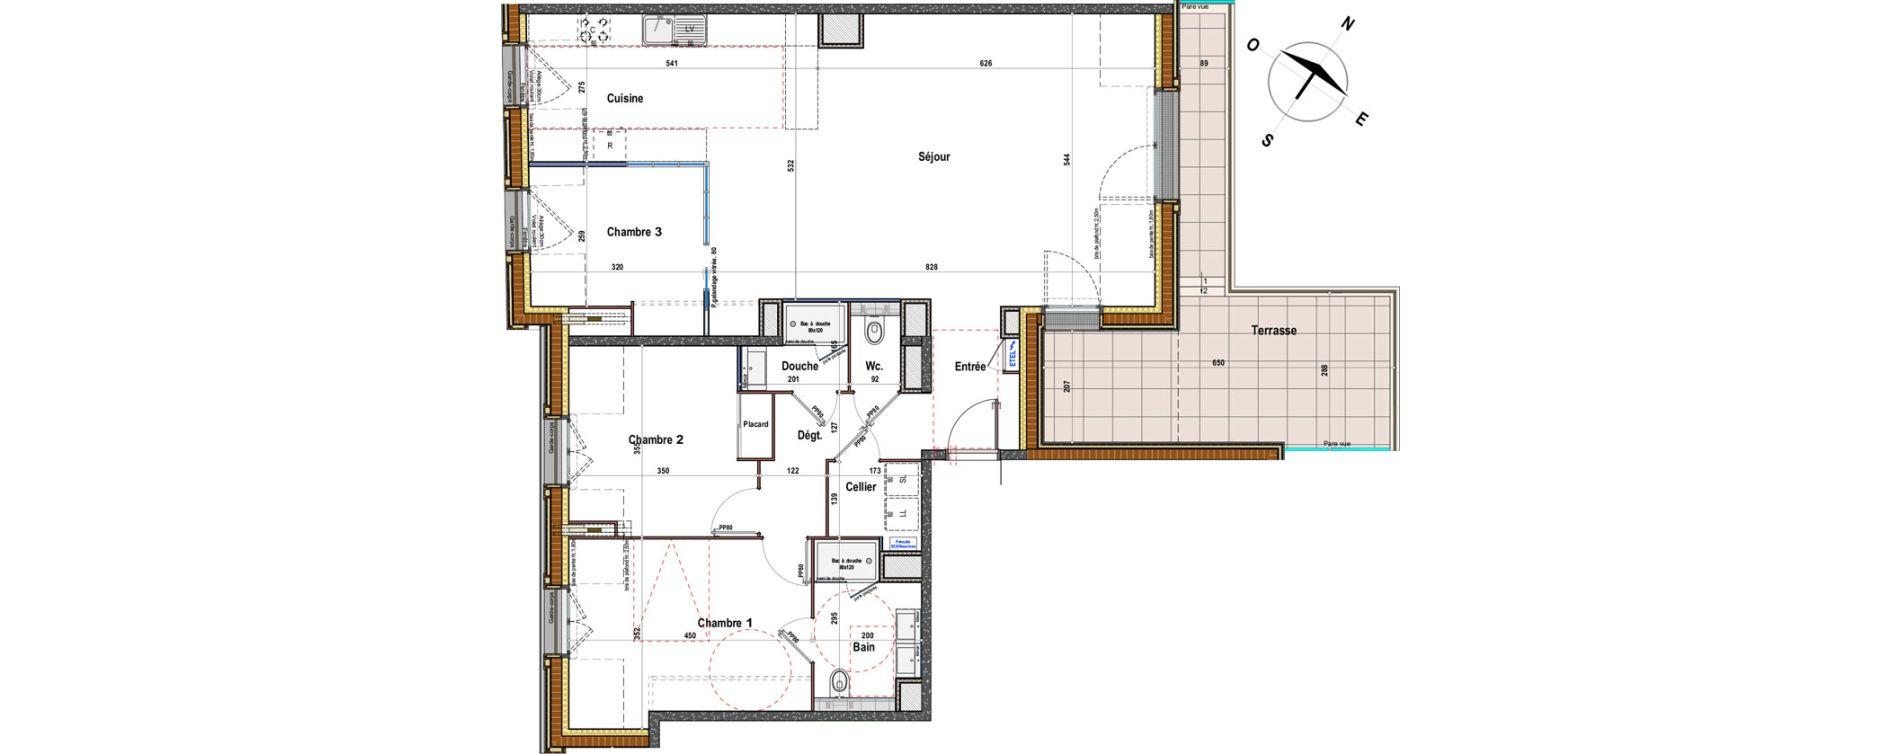 Appartement T4 de 111,55 m2 à Angers St-jacques-nazareth